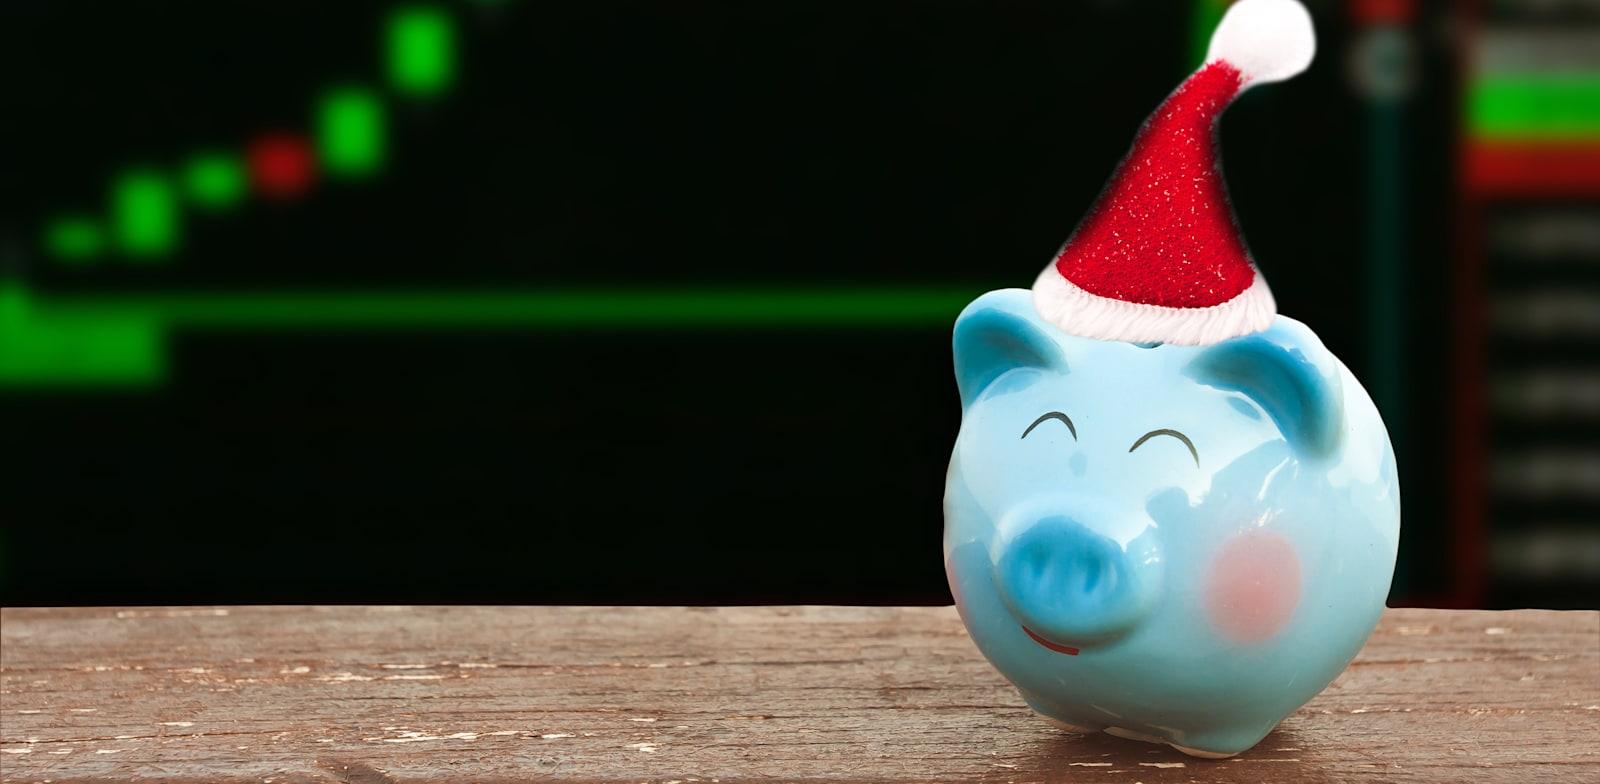 הבורסות בחופש לכבוד חג המולד / אילוסטרציה: Shutterstock